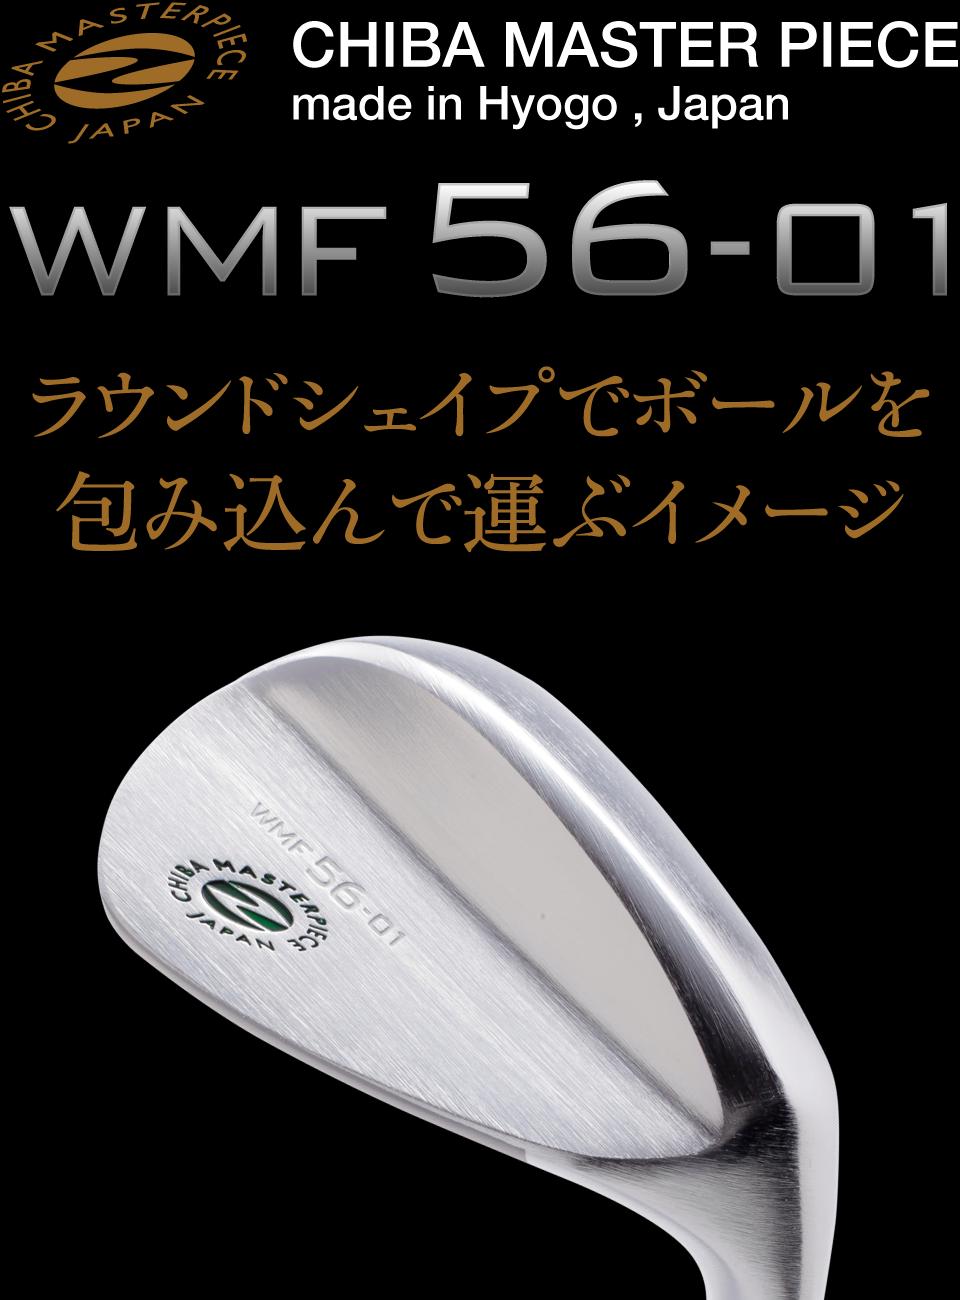 ラウンドシェイプでボールを包み込んで運ぶイメージ WMF56-01